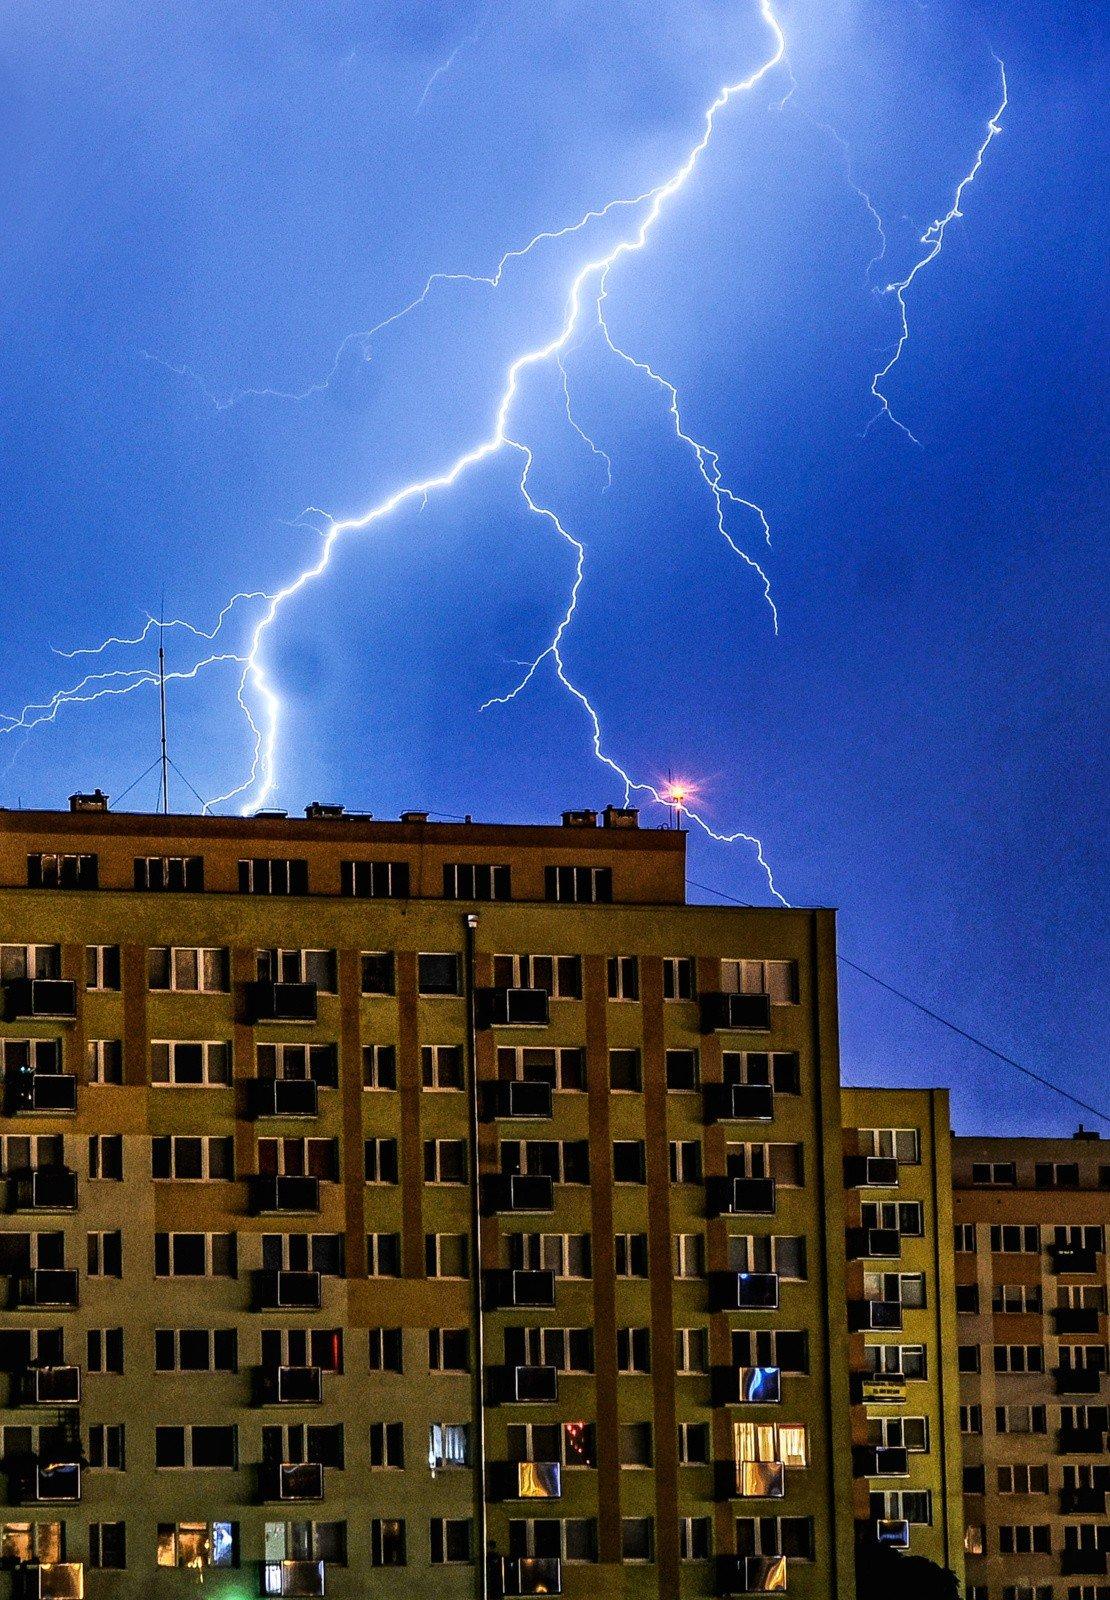 Gdzie jest burza dziś 28.07.2020? Kiedy będzie burza? Sprawdź na interaktywnej mapie [RADAR OPADÓW i BURZY, MAPA BURZOWA, MAPA BURZY ONLINE] | Dziennik Bałtycki